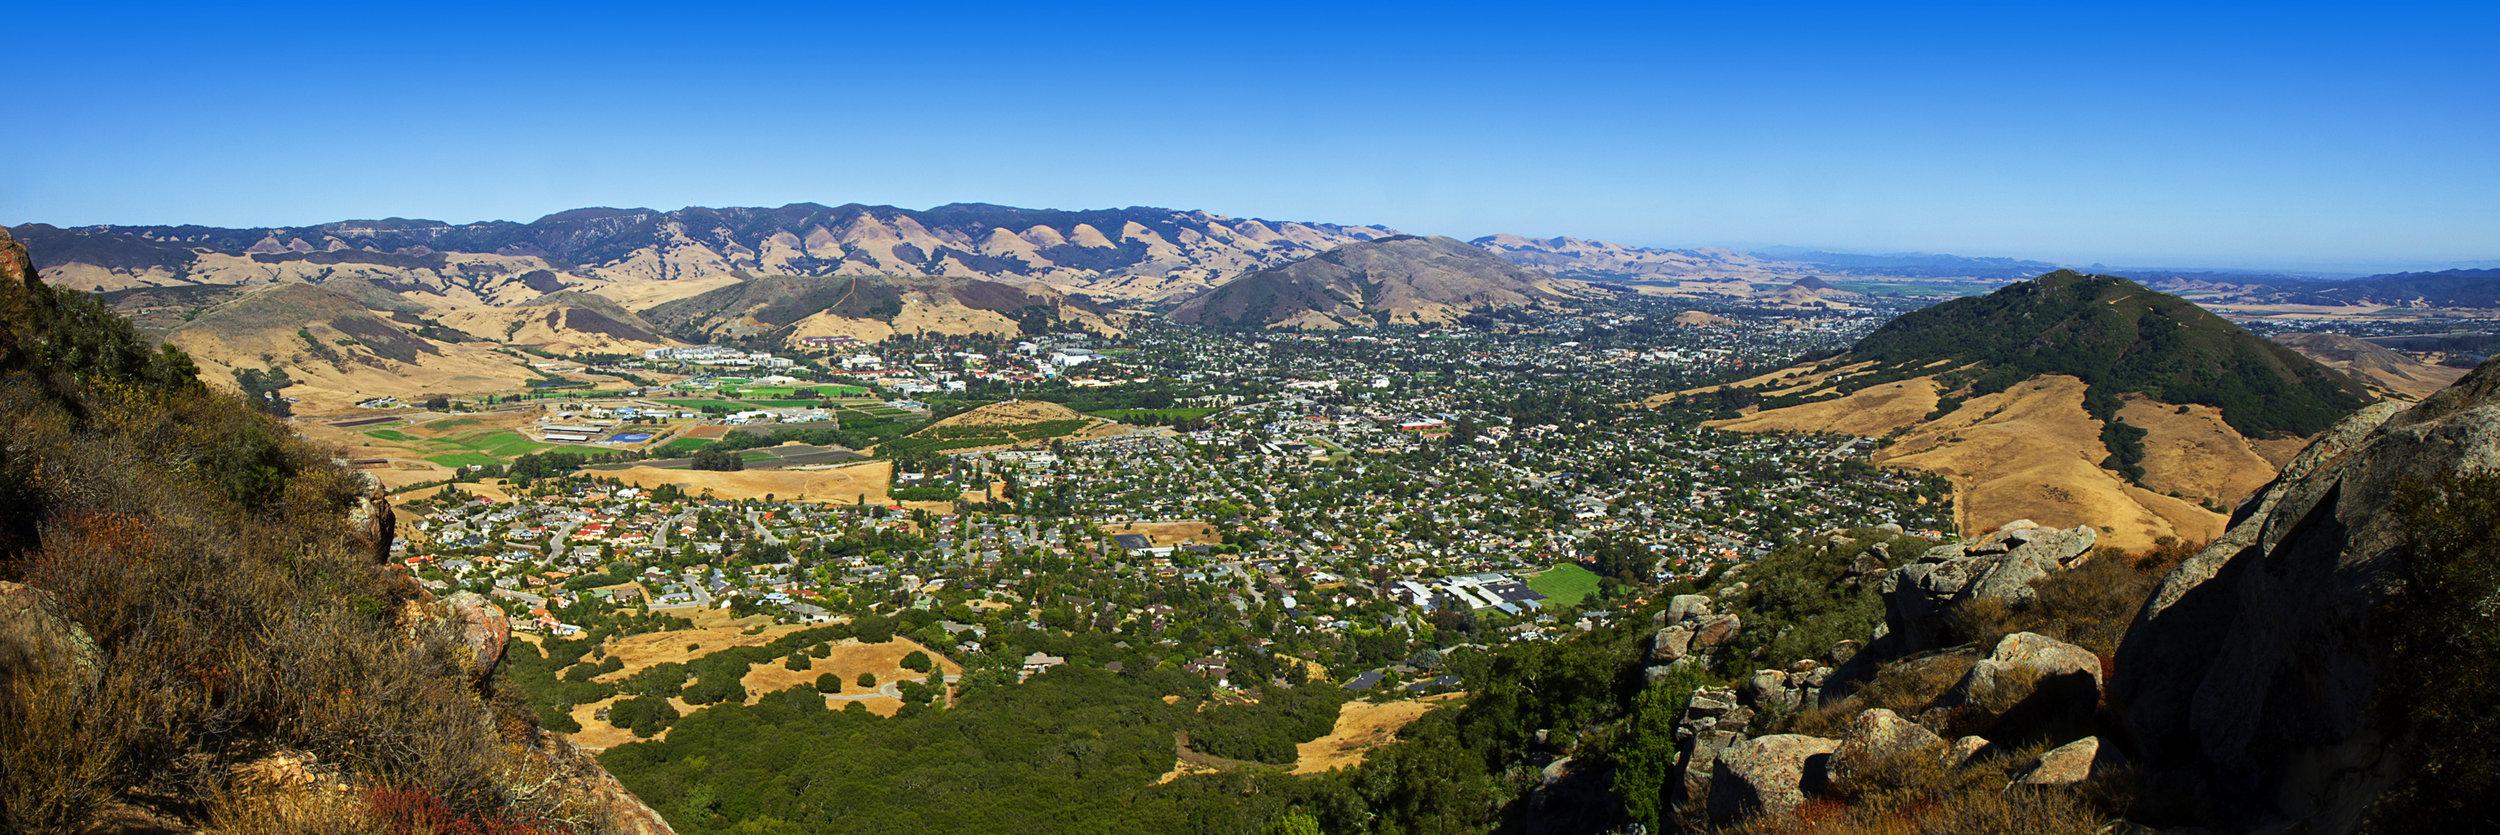 Bishop's Peak view of SLO.  Kevin Dyer